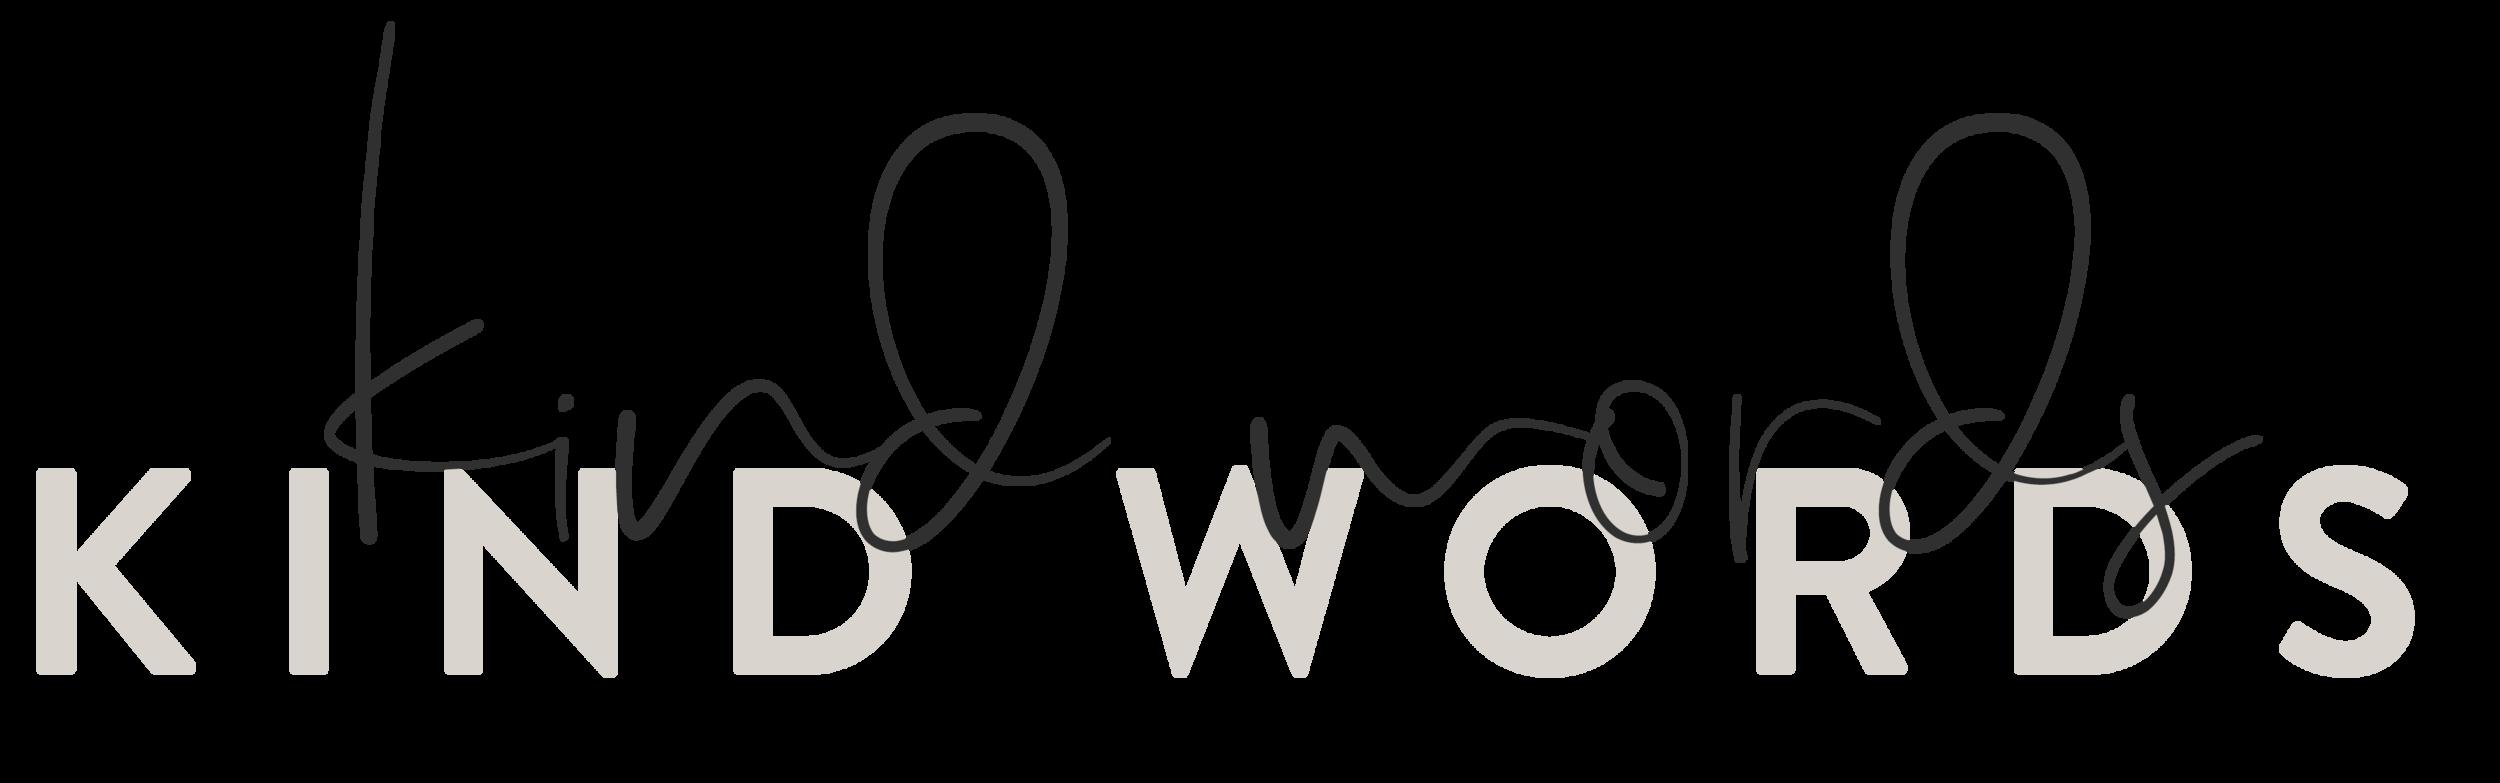 KindWords-2.png